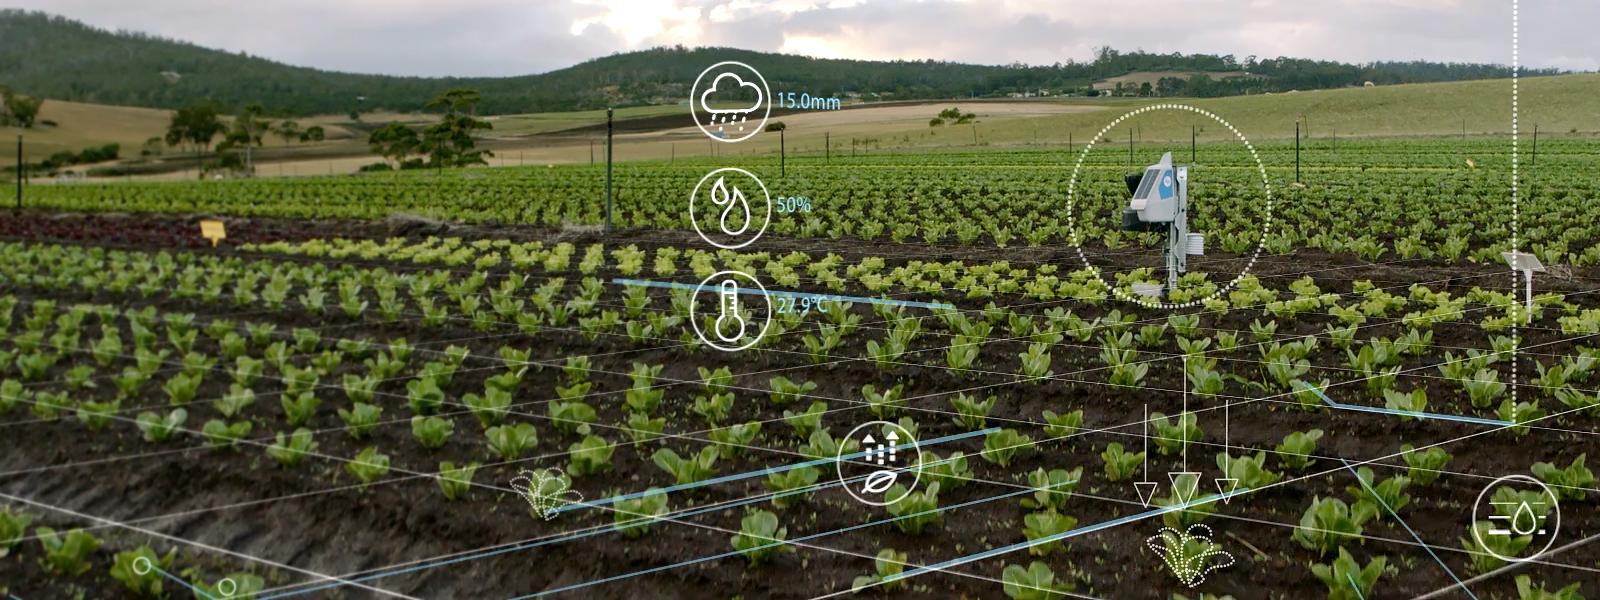 Landwirtschaftlicher Betrieb mit KI-Gerät, das Daten für The Yield sammelt.